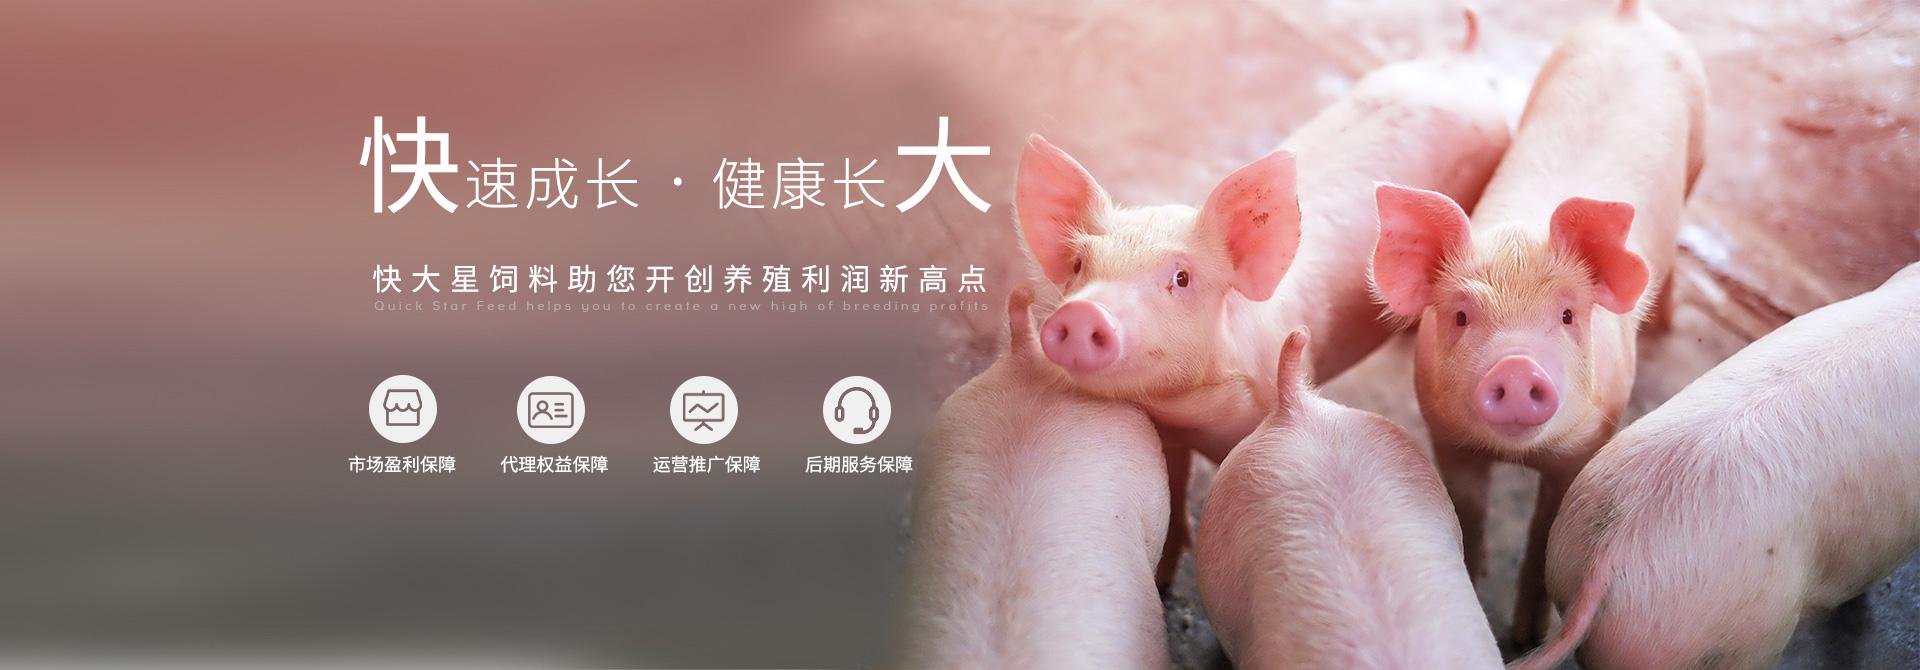 快大-促进健康养殖,服务绿色农业